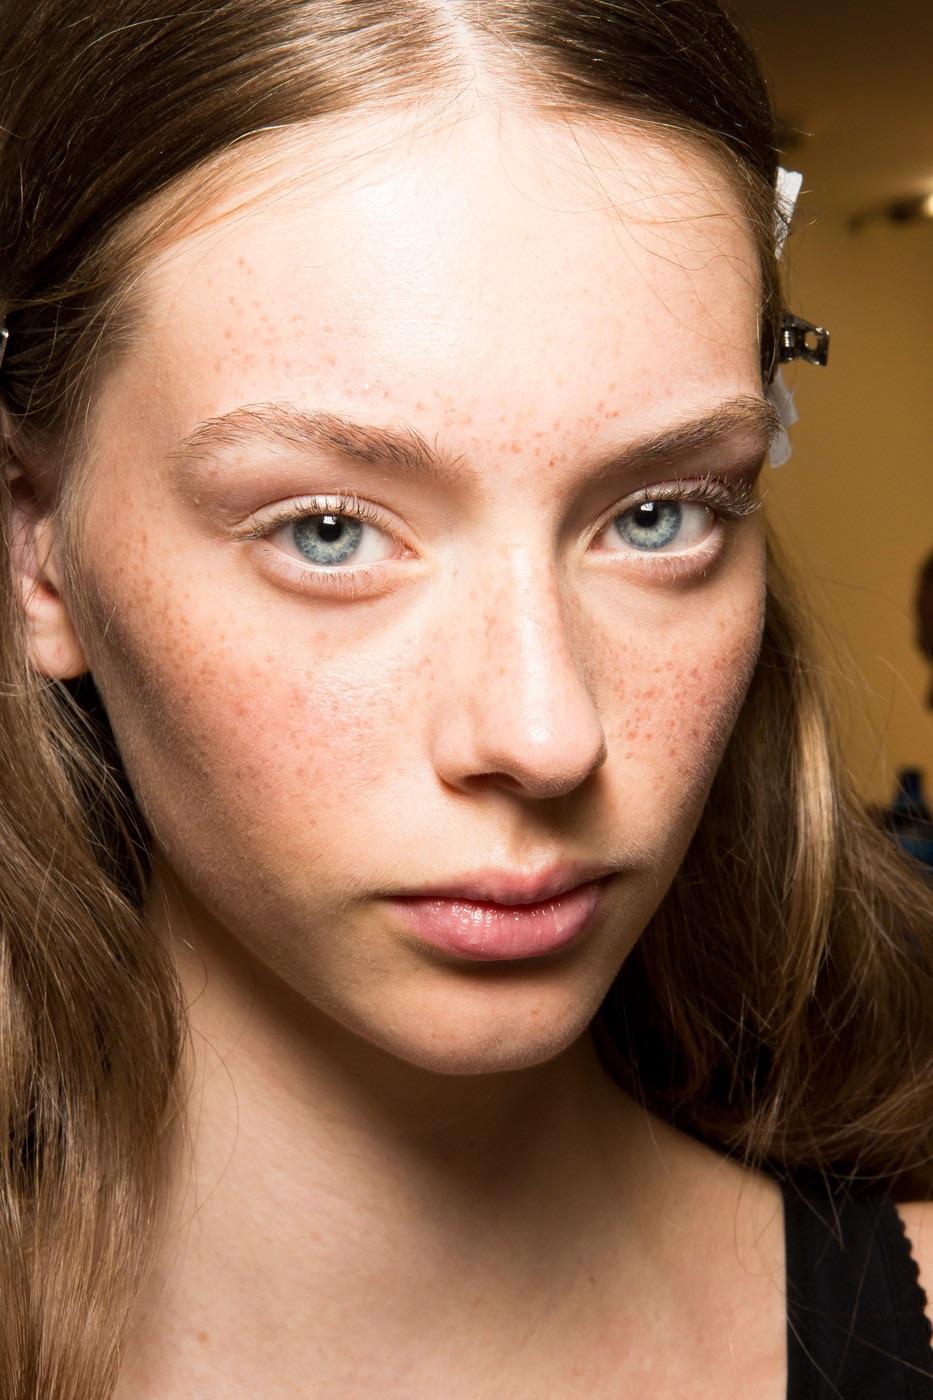 Лорен де Грааф - модель с ангельской внешностью родом из страны цветов - Нидерландов